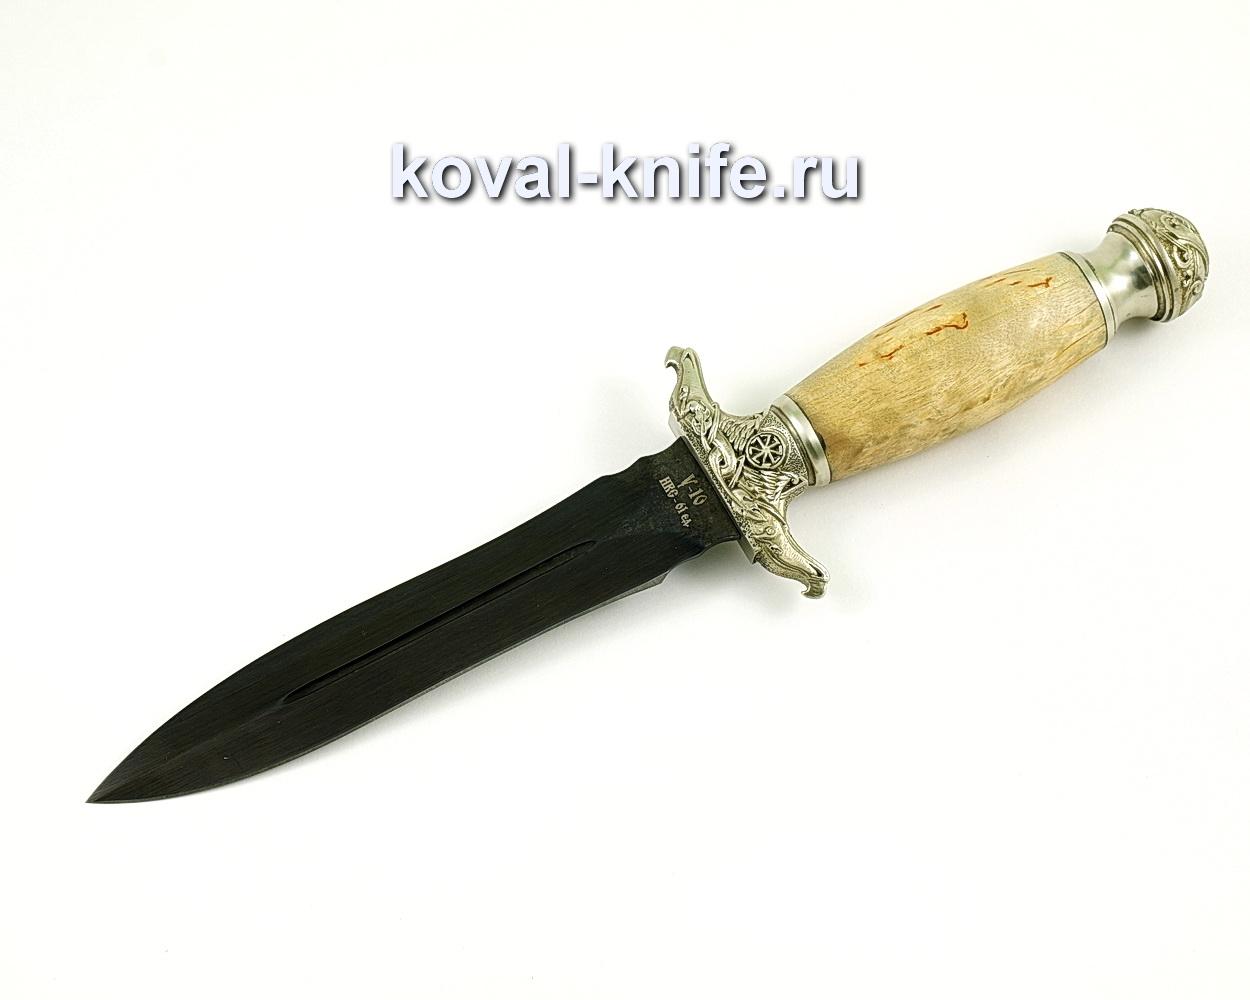 Нож Кардинал из кованой стали У10 (карельская береза, литье мельхиор) A387